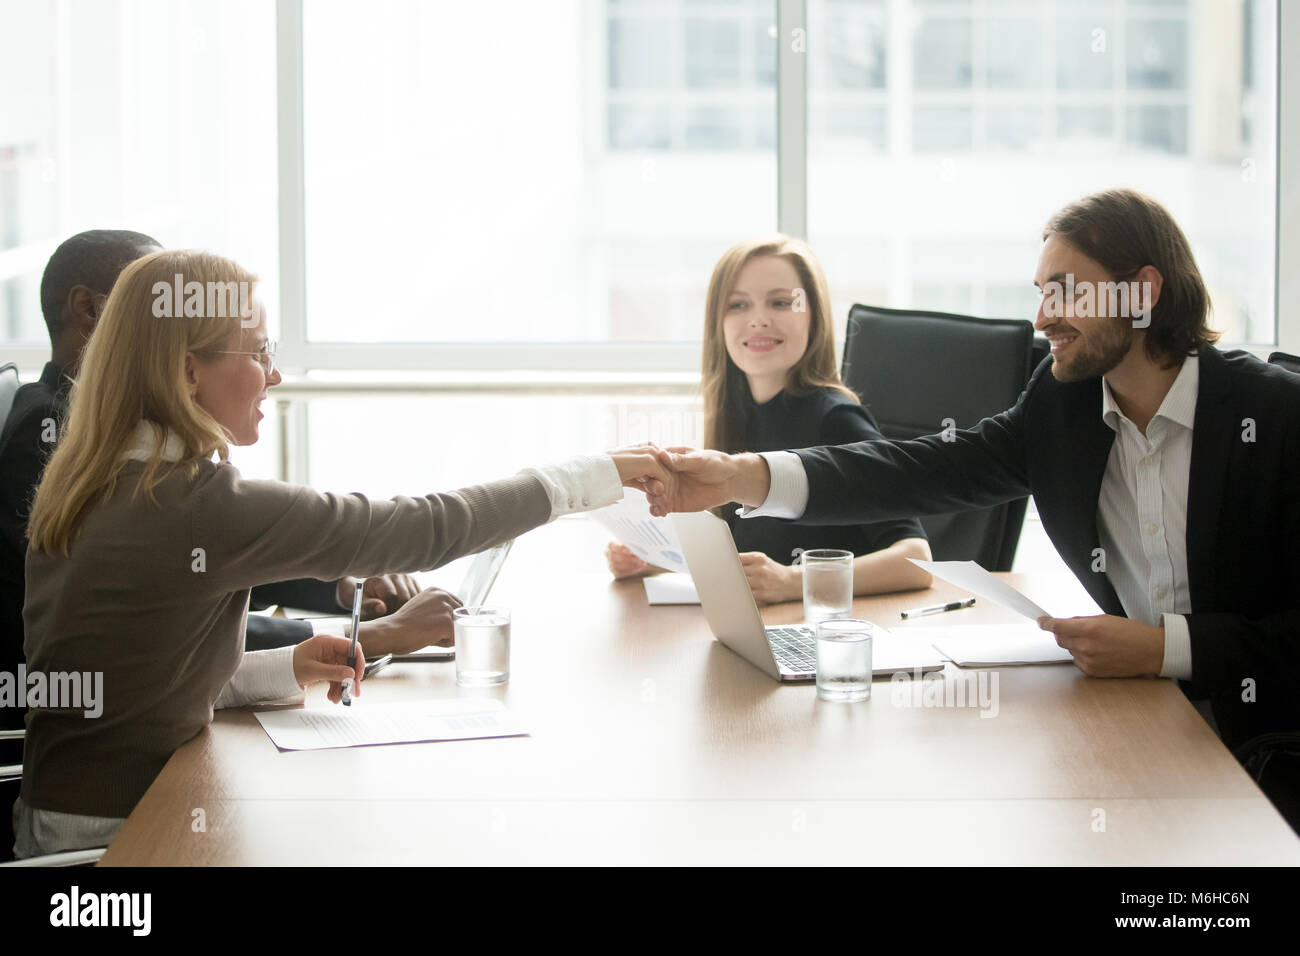 Lächeln, Geschäftsmann, Geschäftsfrau, Hände schütteln bei unterschiedlichen t Stockbild